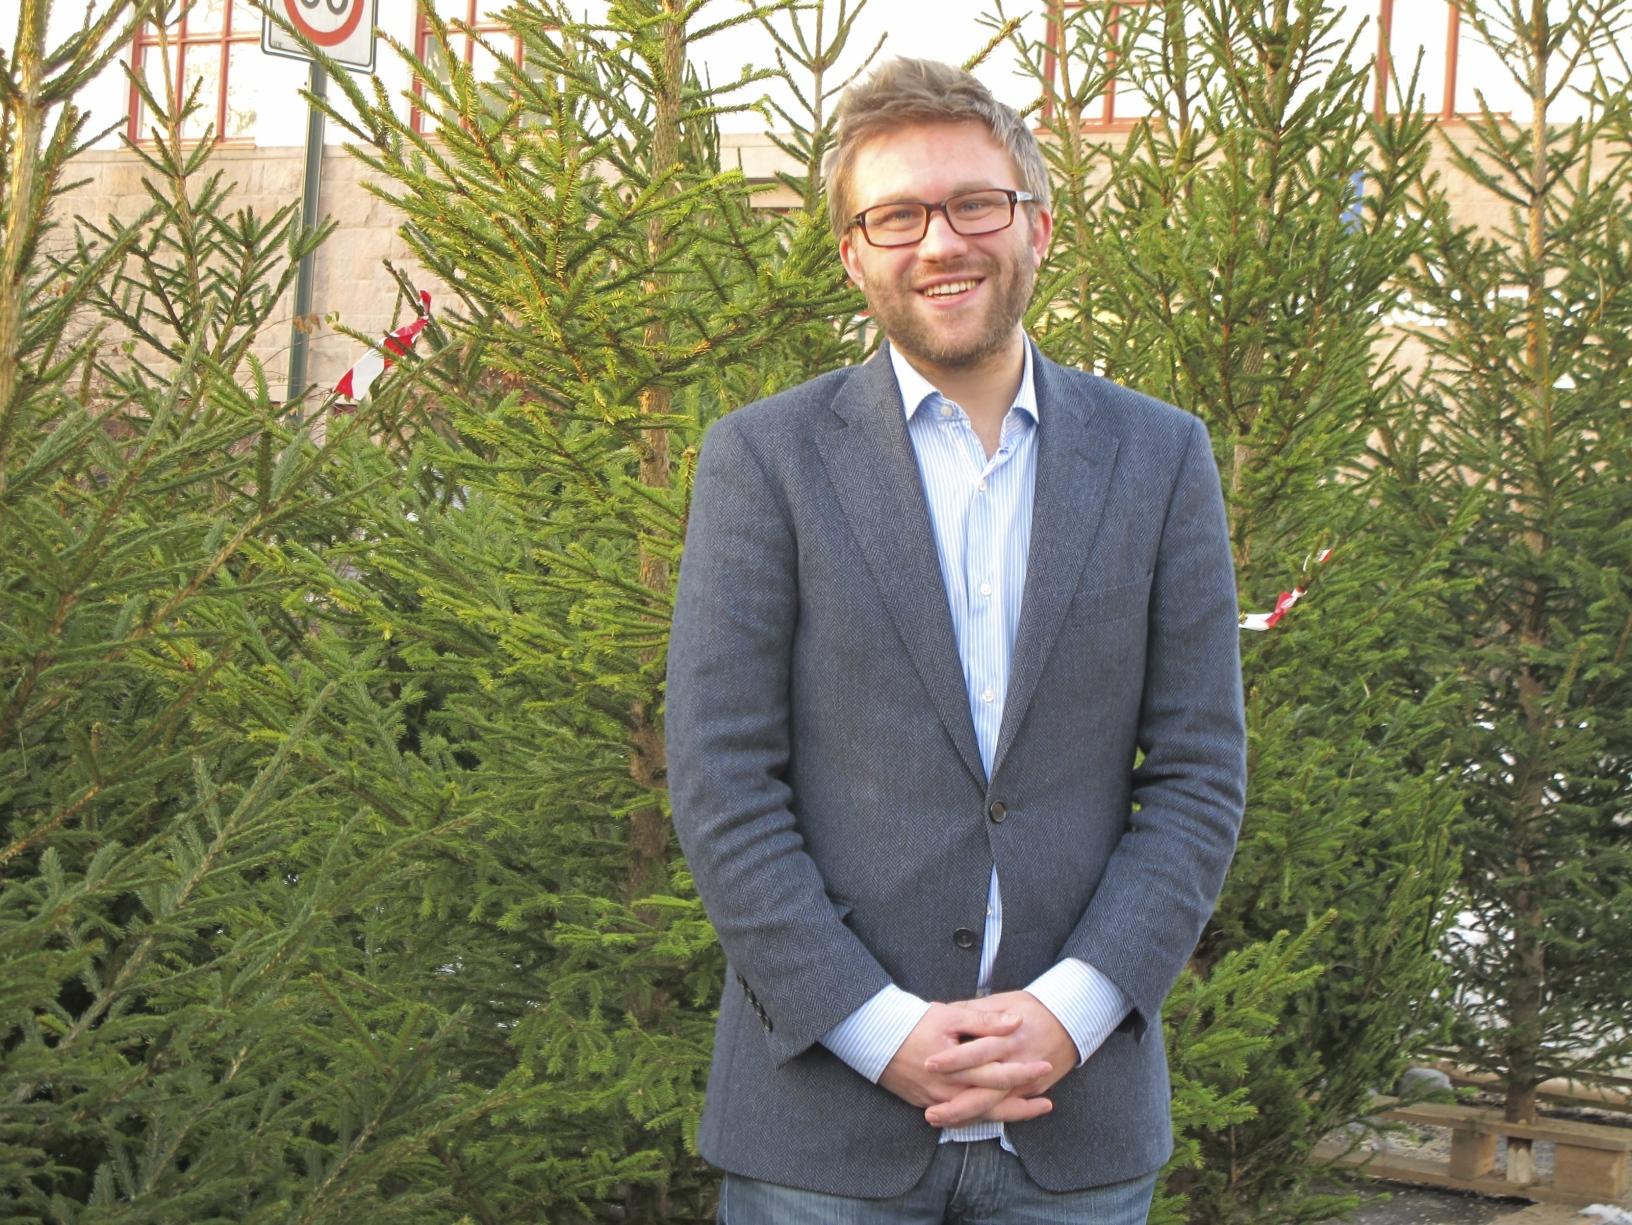 Stefan Heggelund